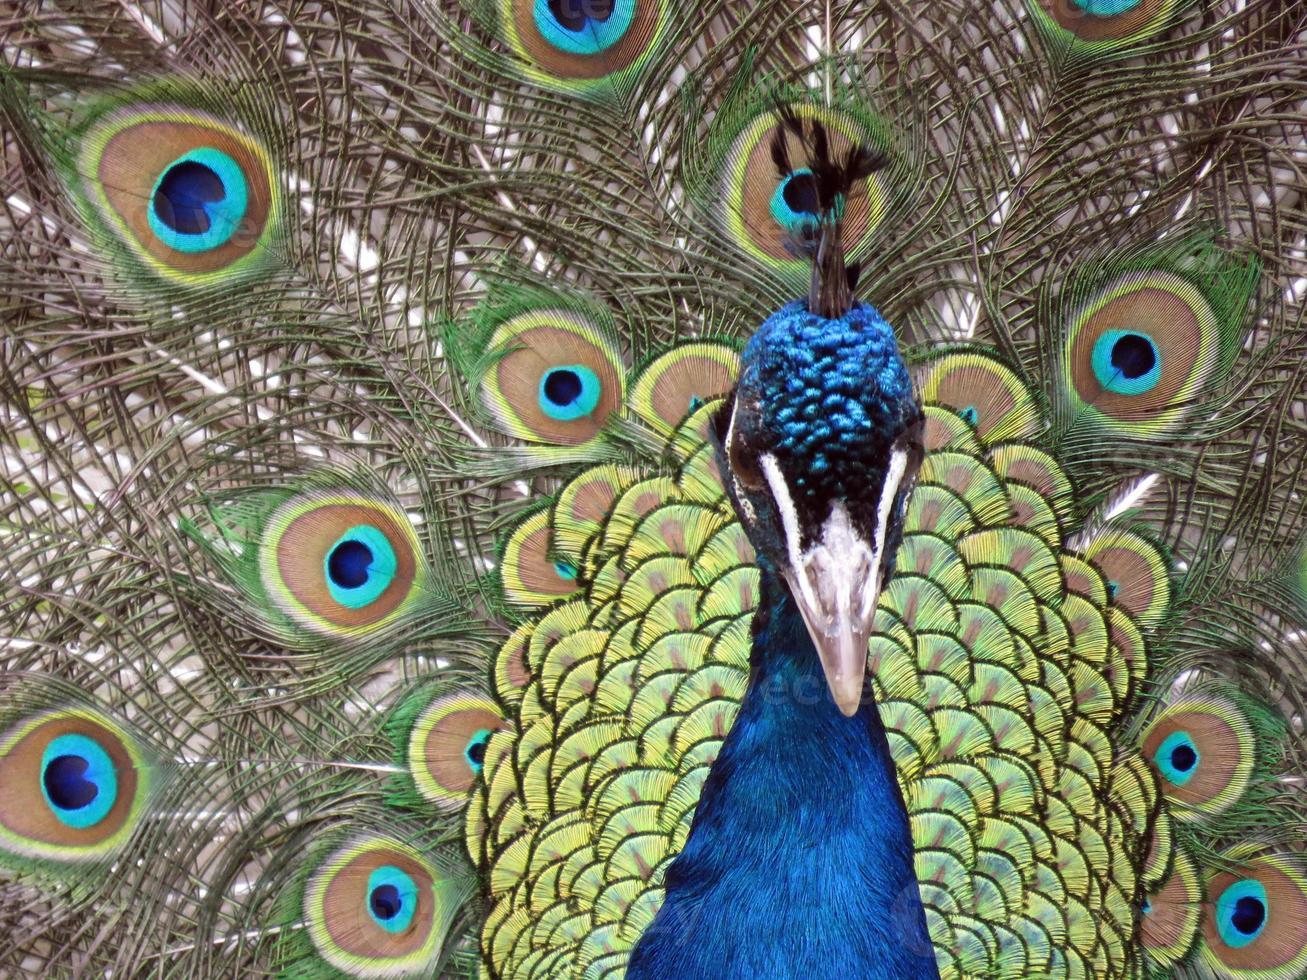 påfågel svans fjädrar foto